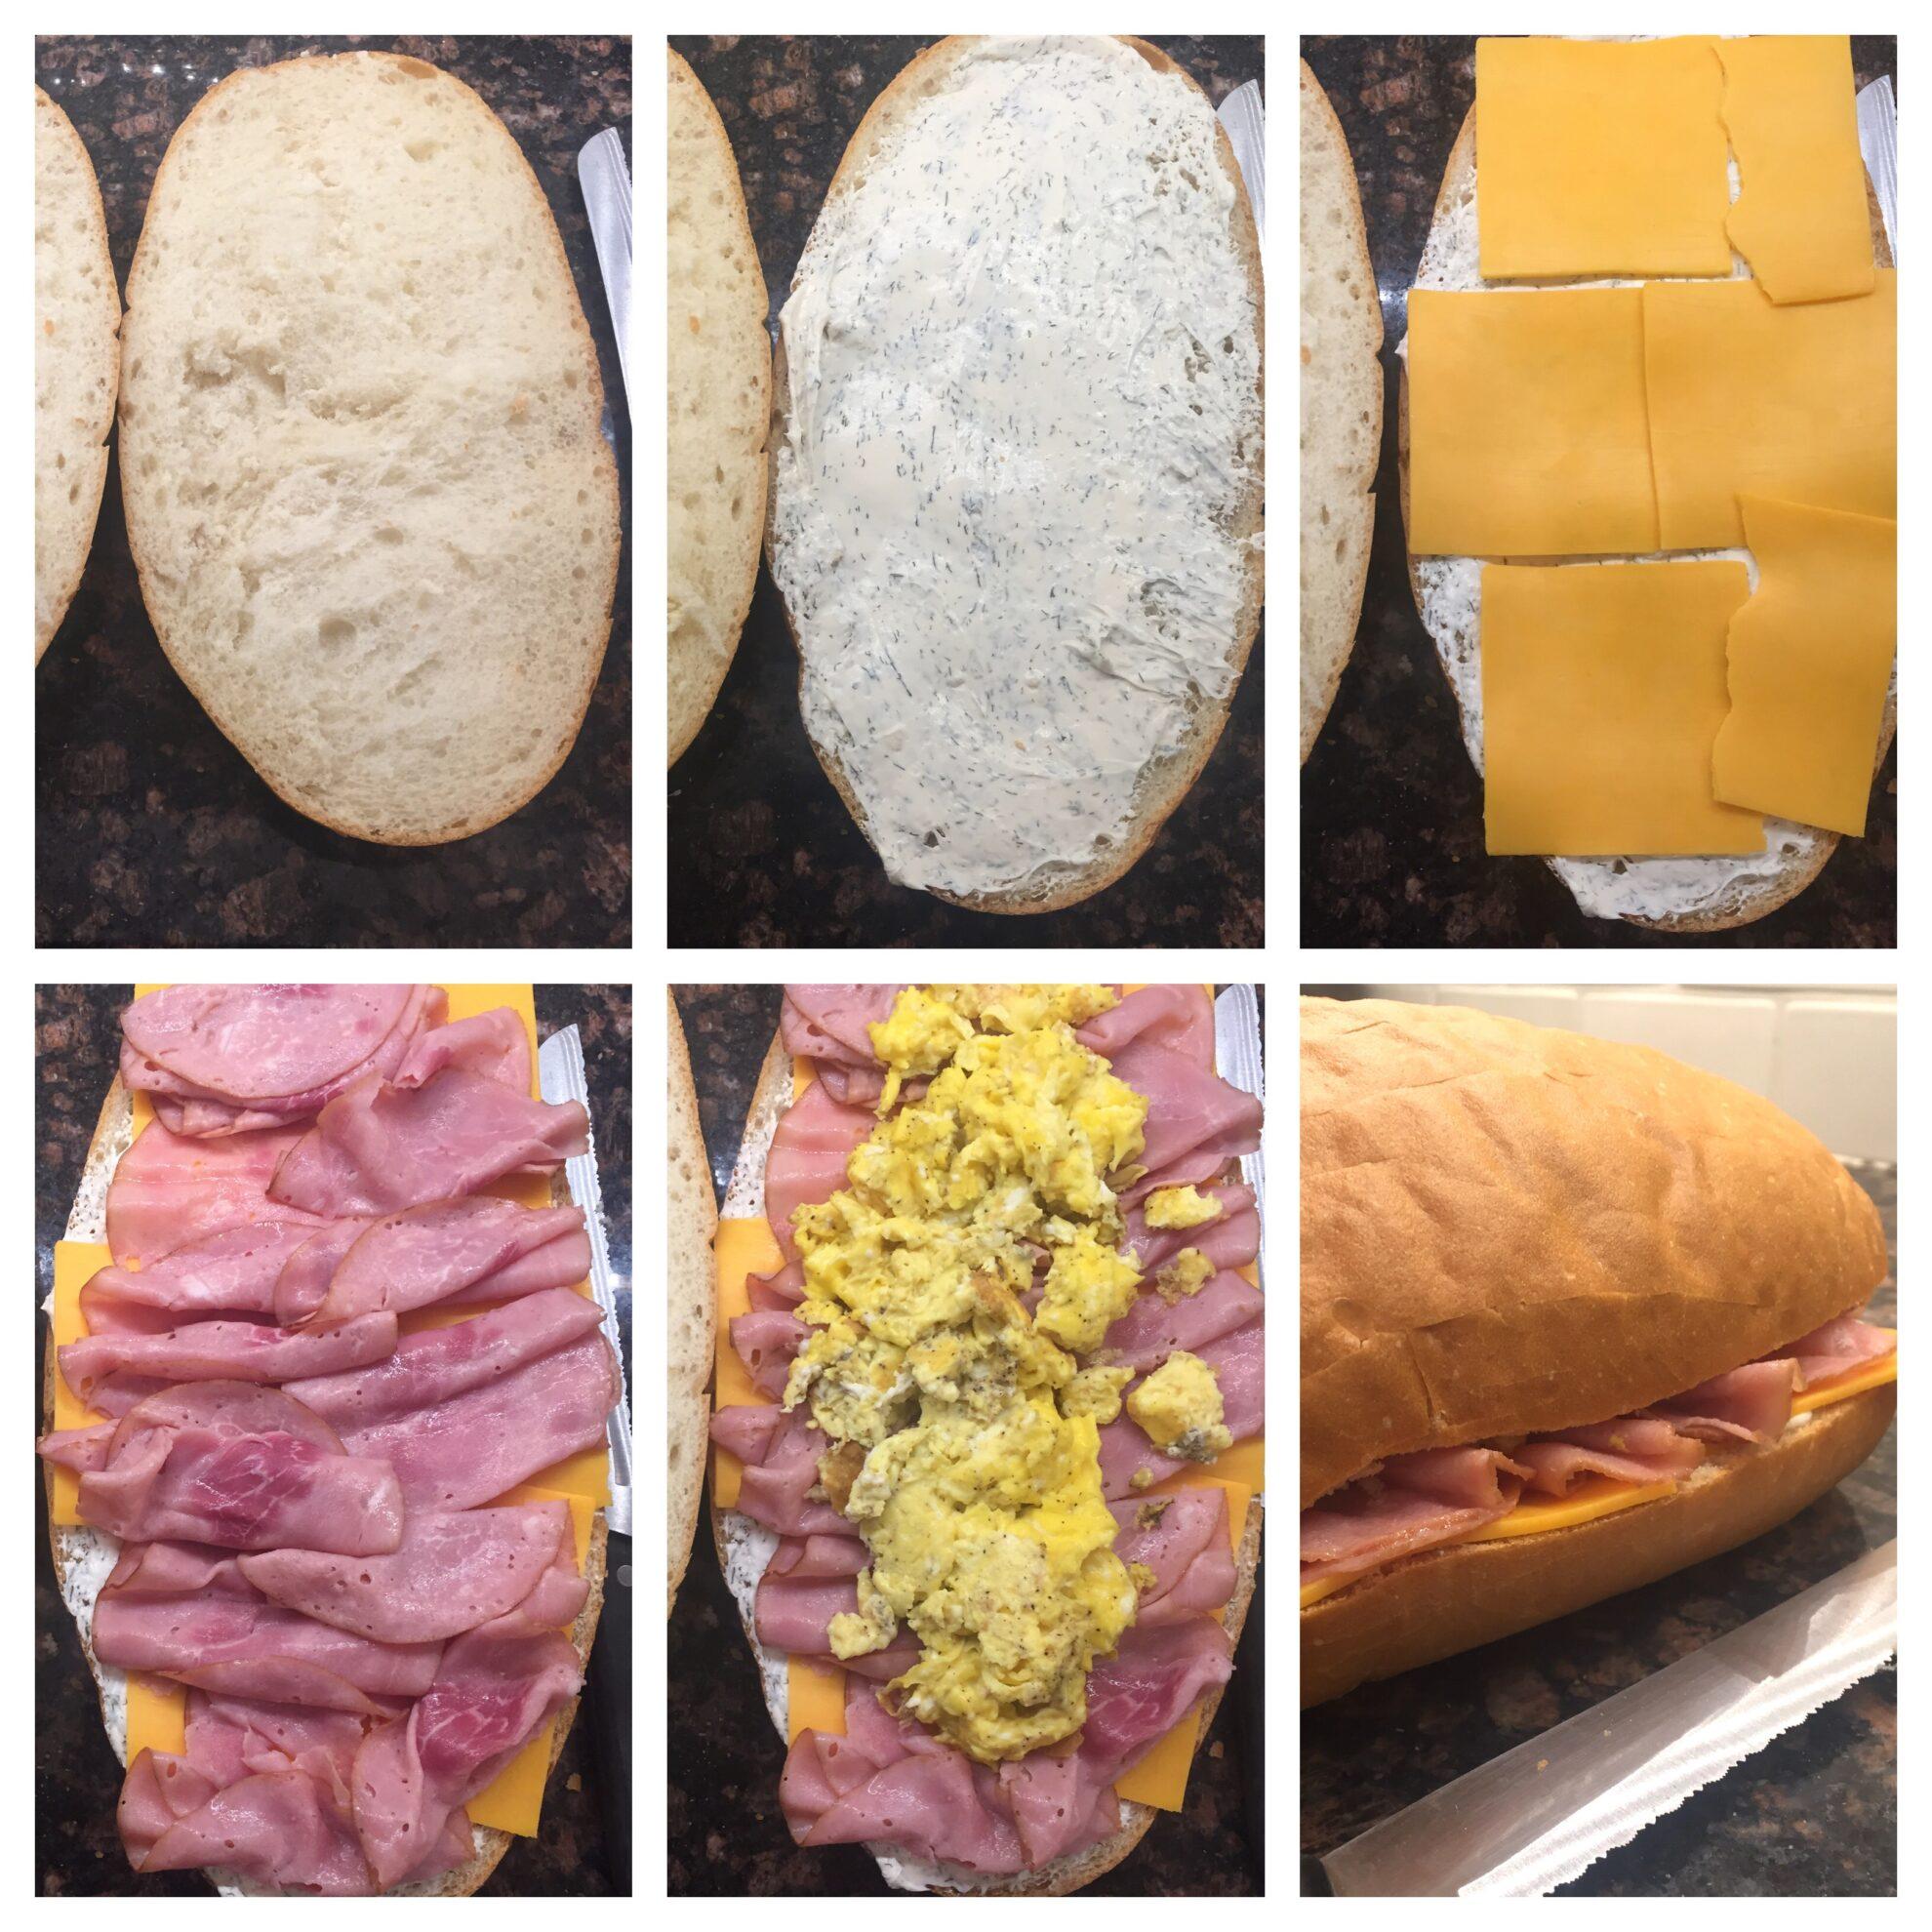 stuffed breakfast french bread